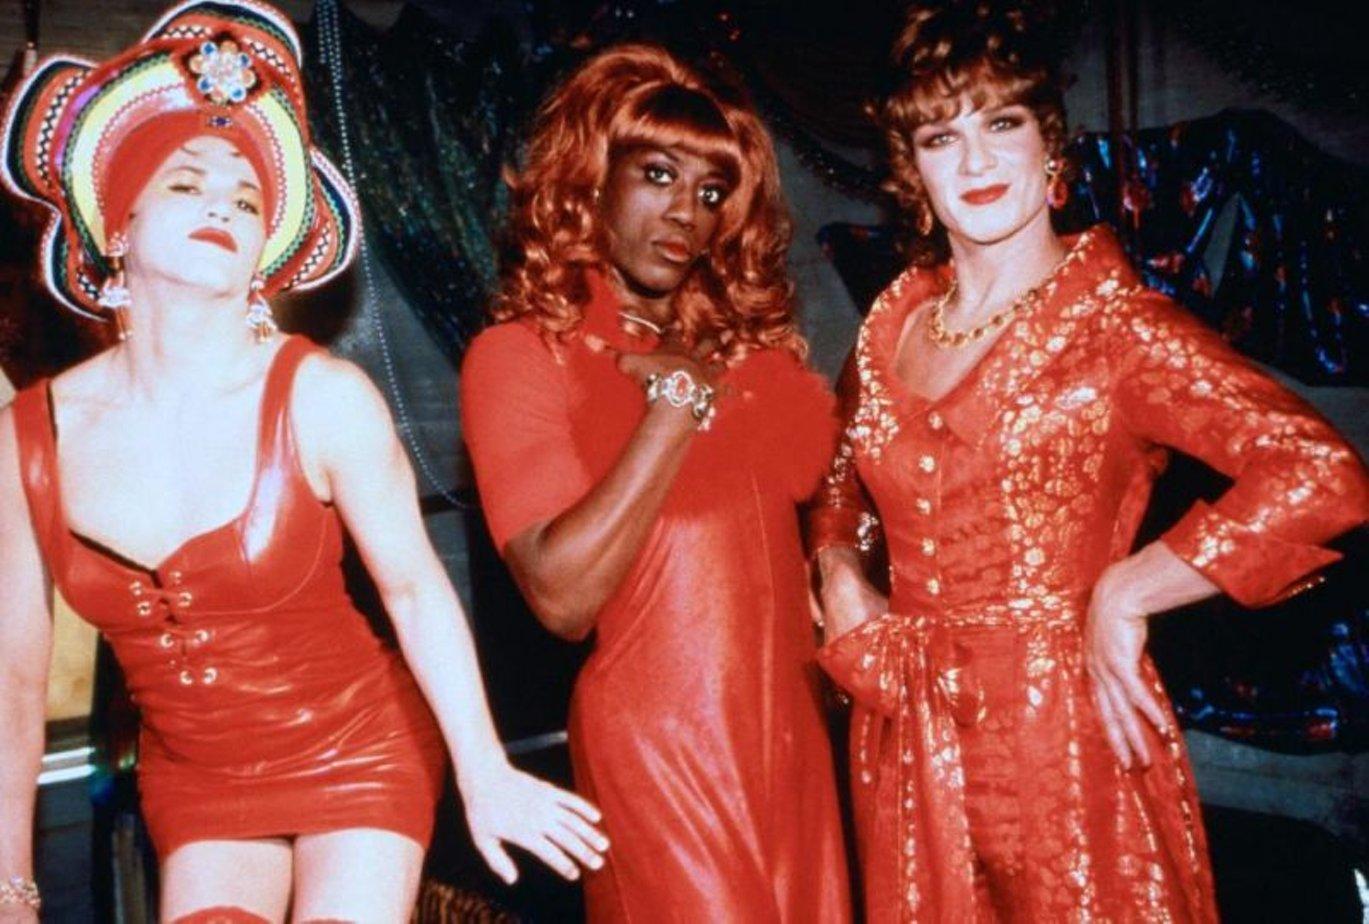 podglyadivanie-devushkami-film-pro-transvestitov-lask-polovogo-chlena